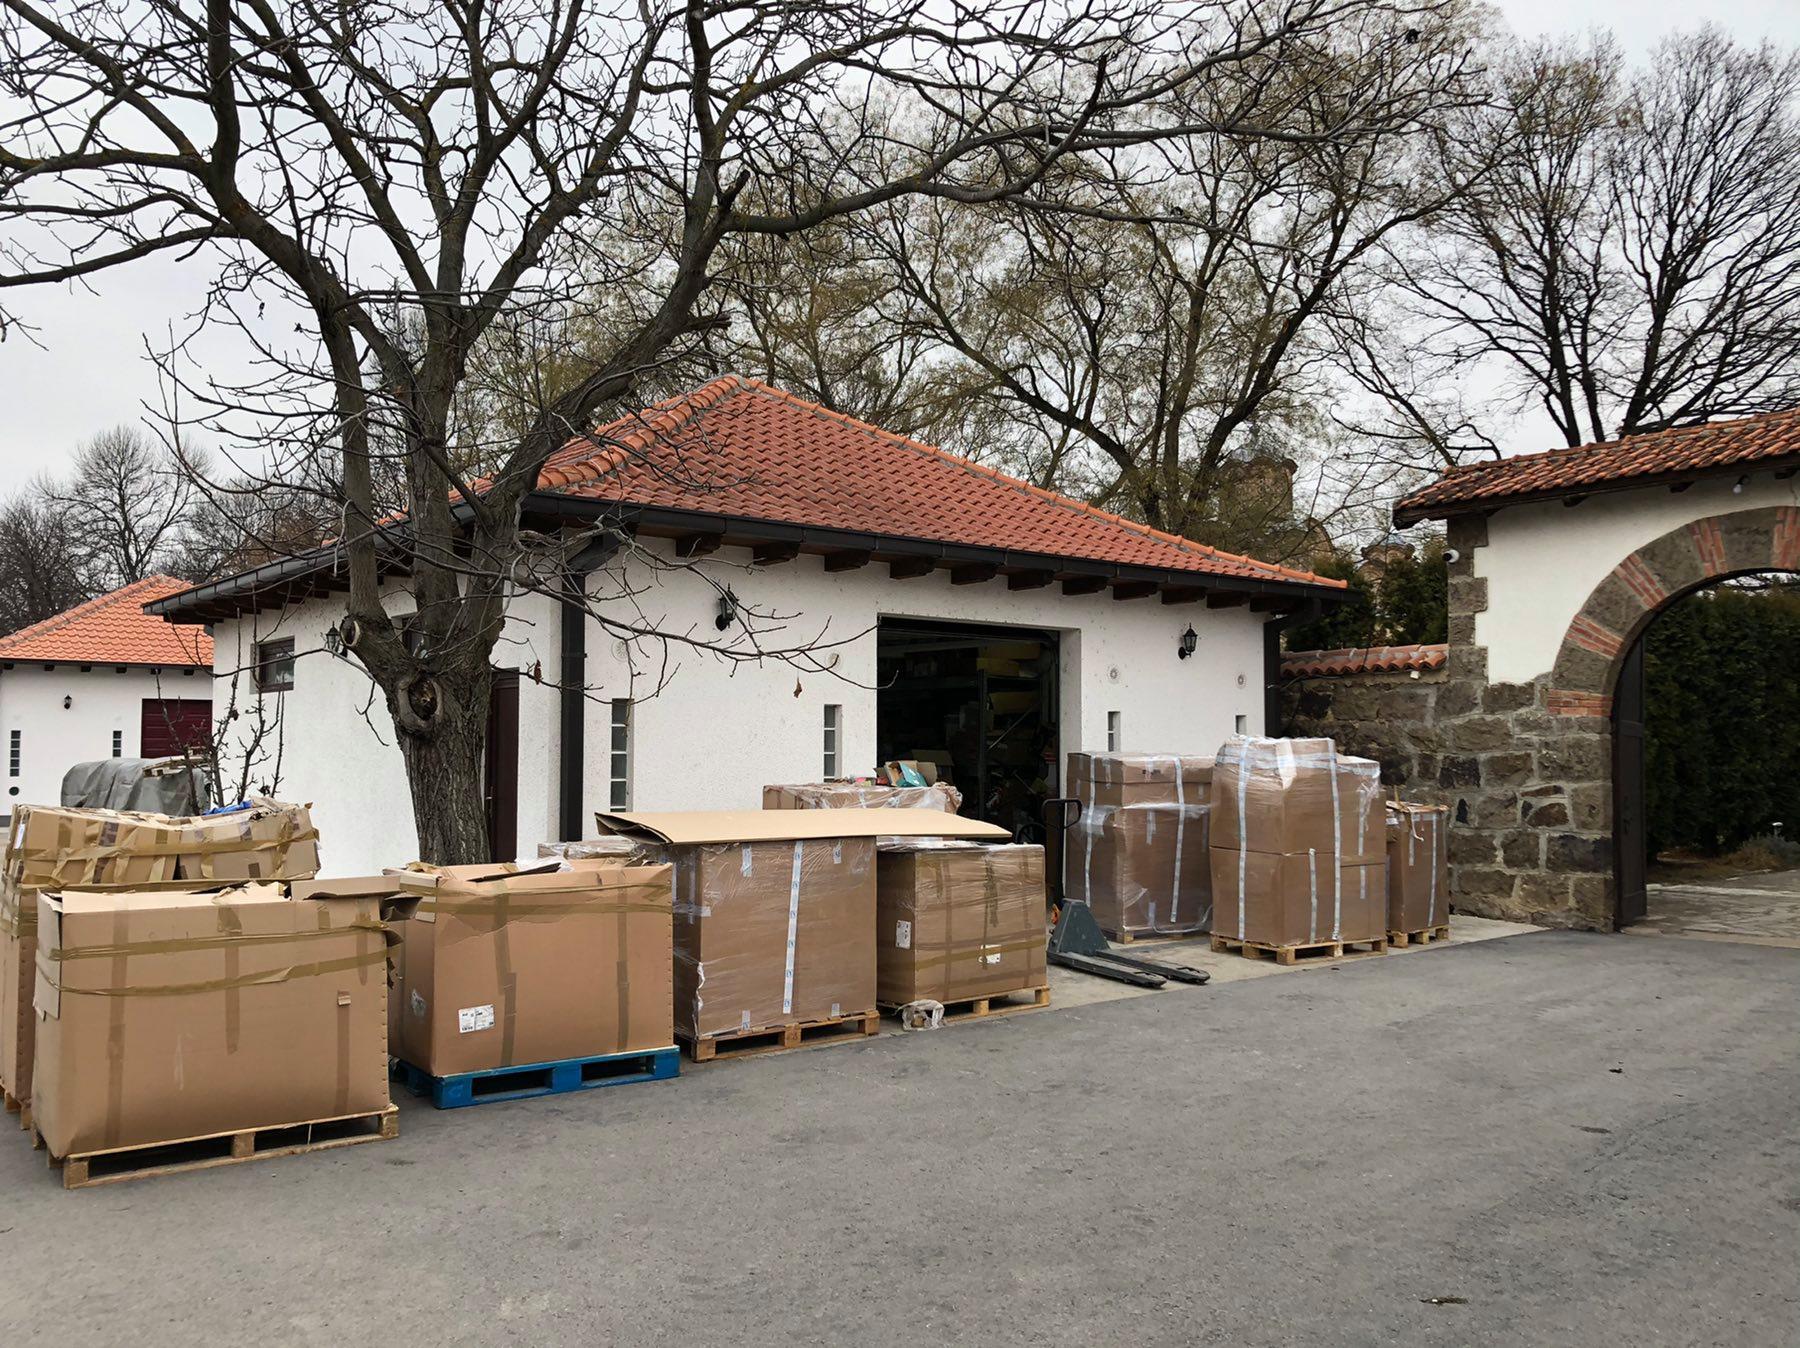 Le matériel pour le convoi de Noël déchargé au Kosovo